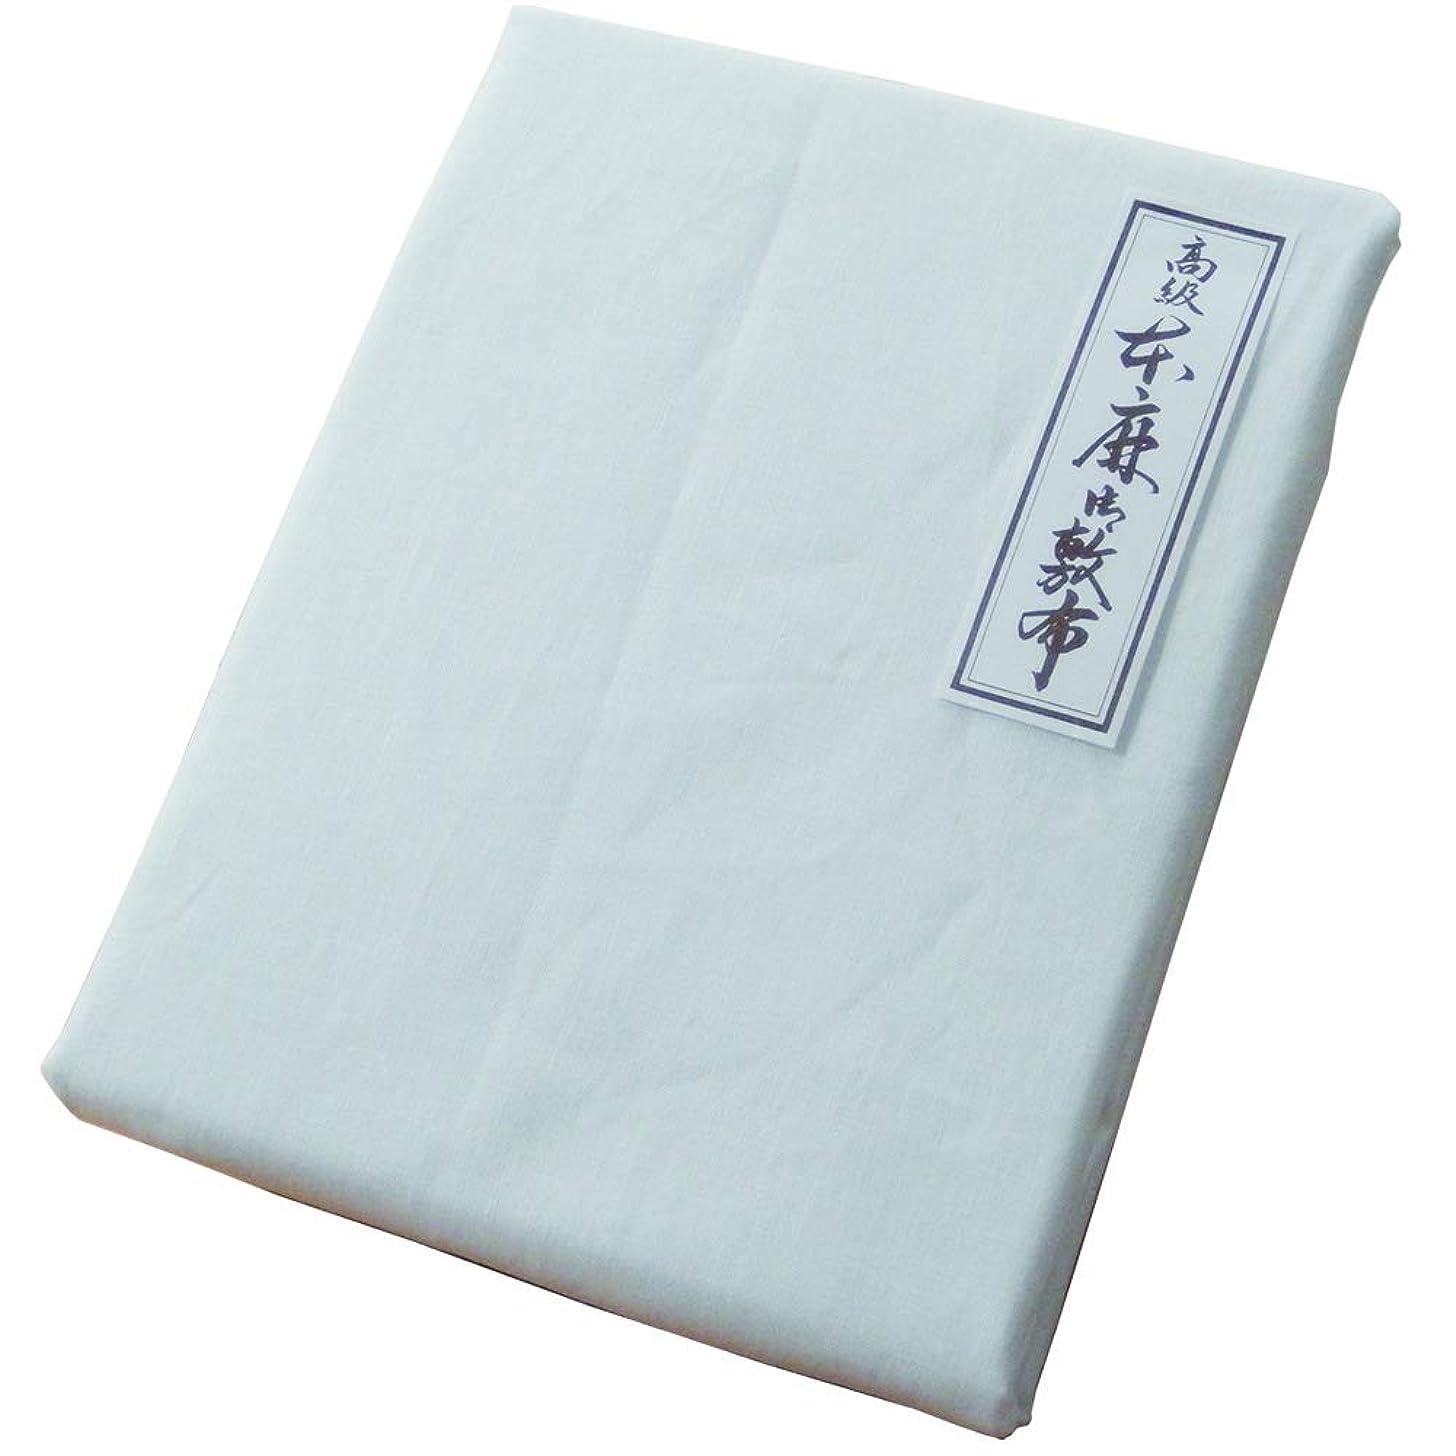 砲撃以下儀式日本製 高級 本麻100% 敷シーツ シングル 140×240cm 清潔なホワイト無地 洗える フラットシーツ